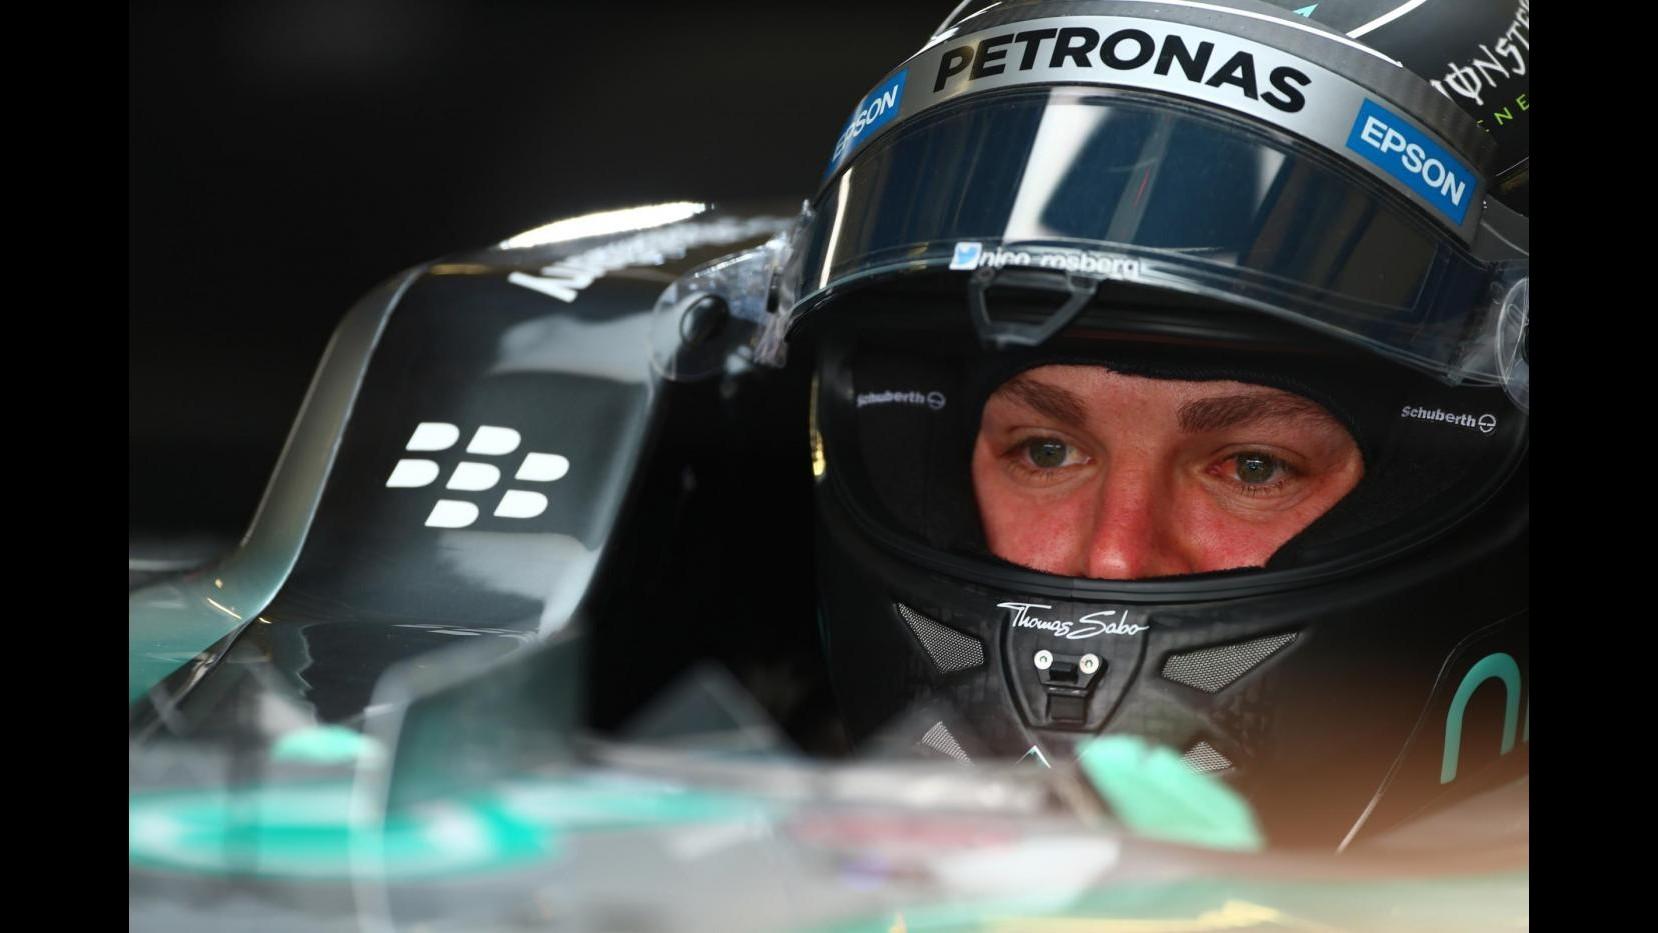 F1, seconde libere Gp Silverstone: domina Rosberg davanti alle Ferrari